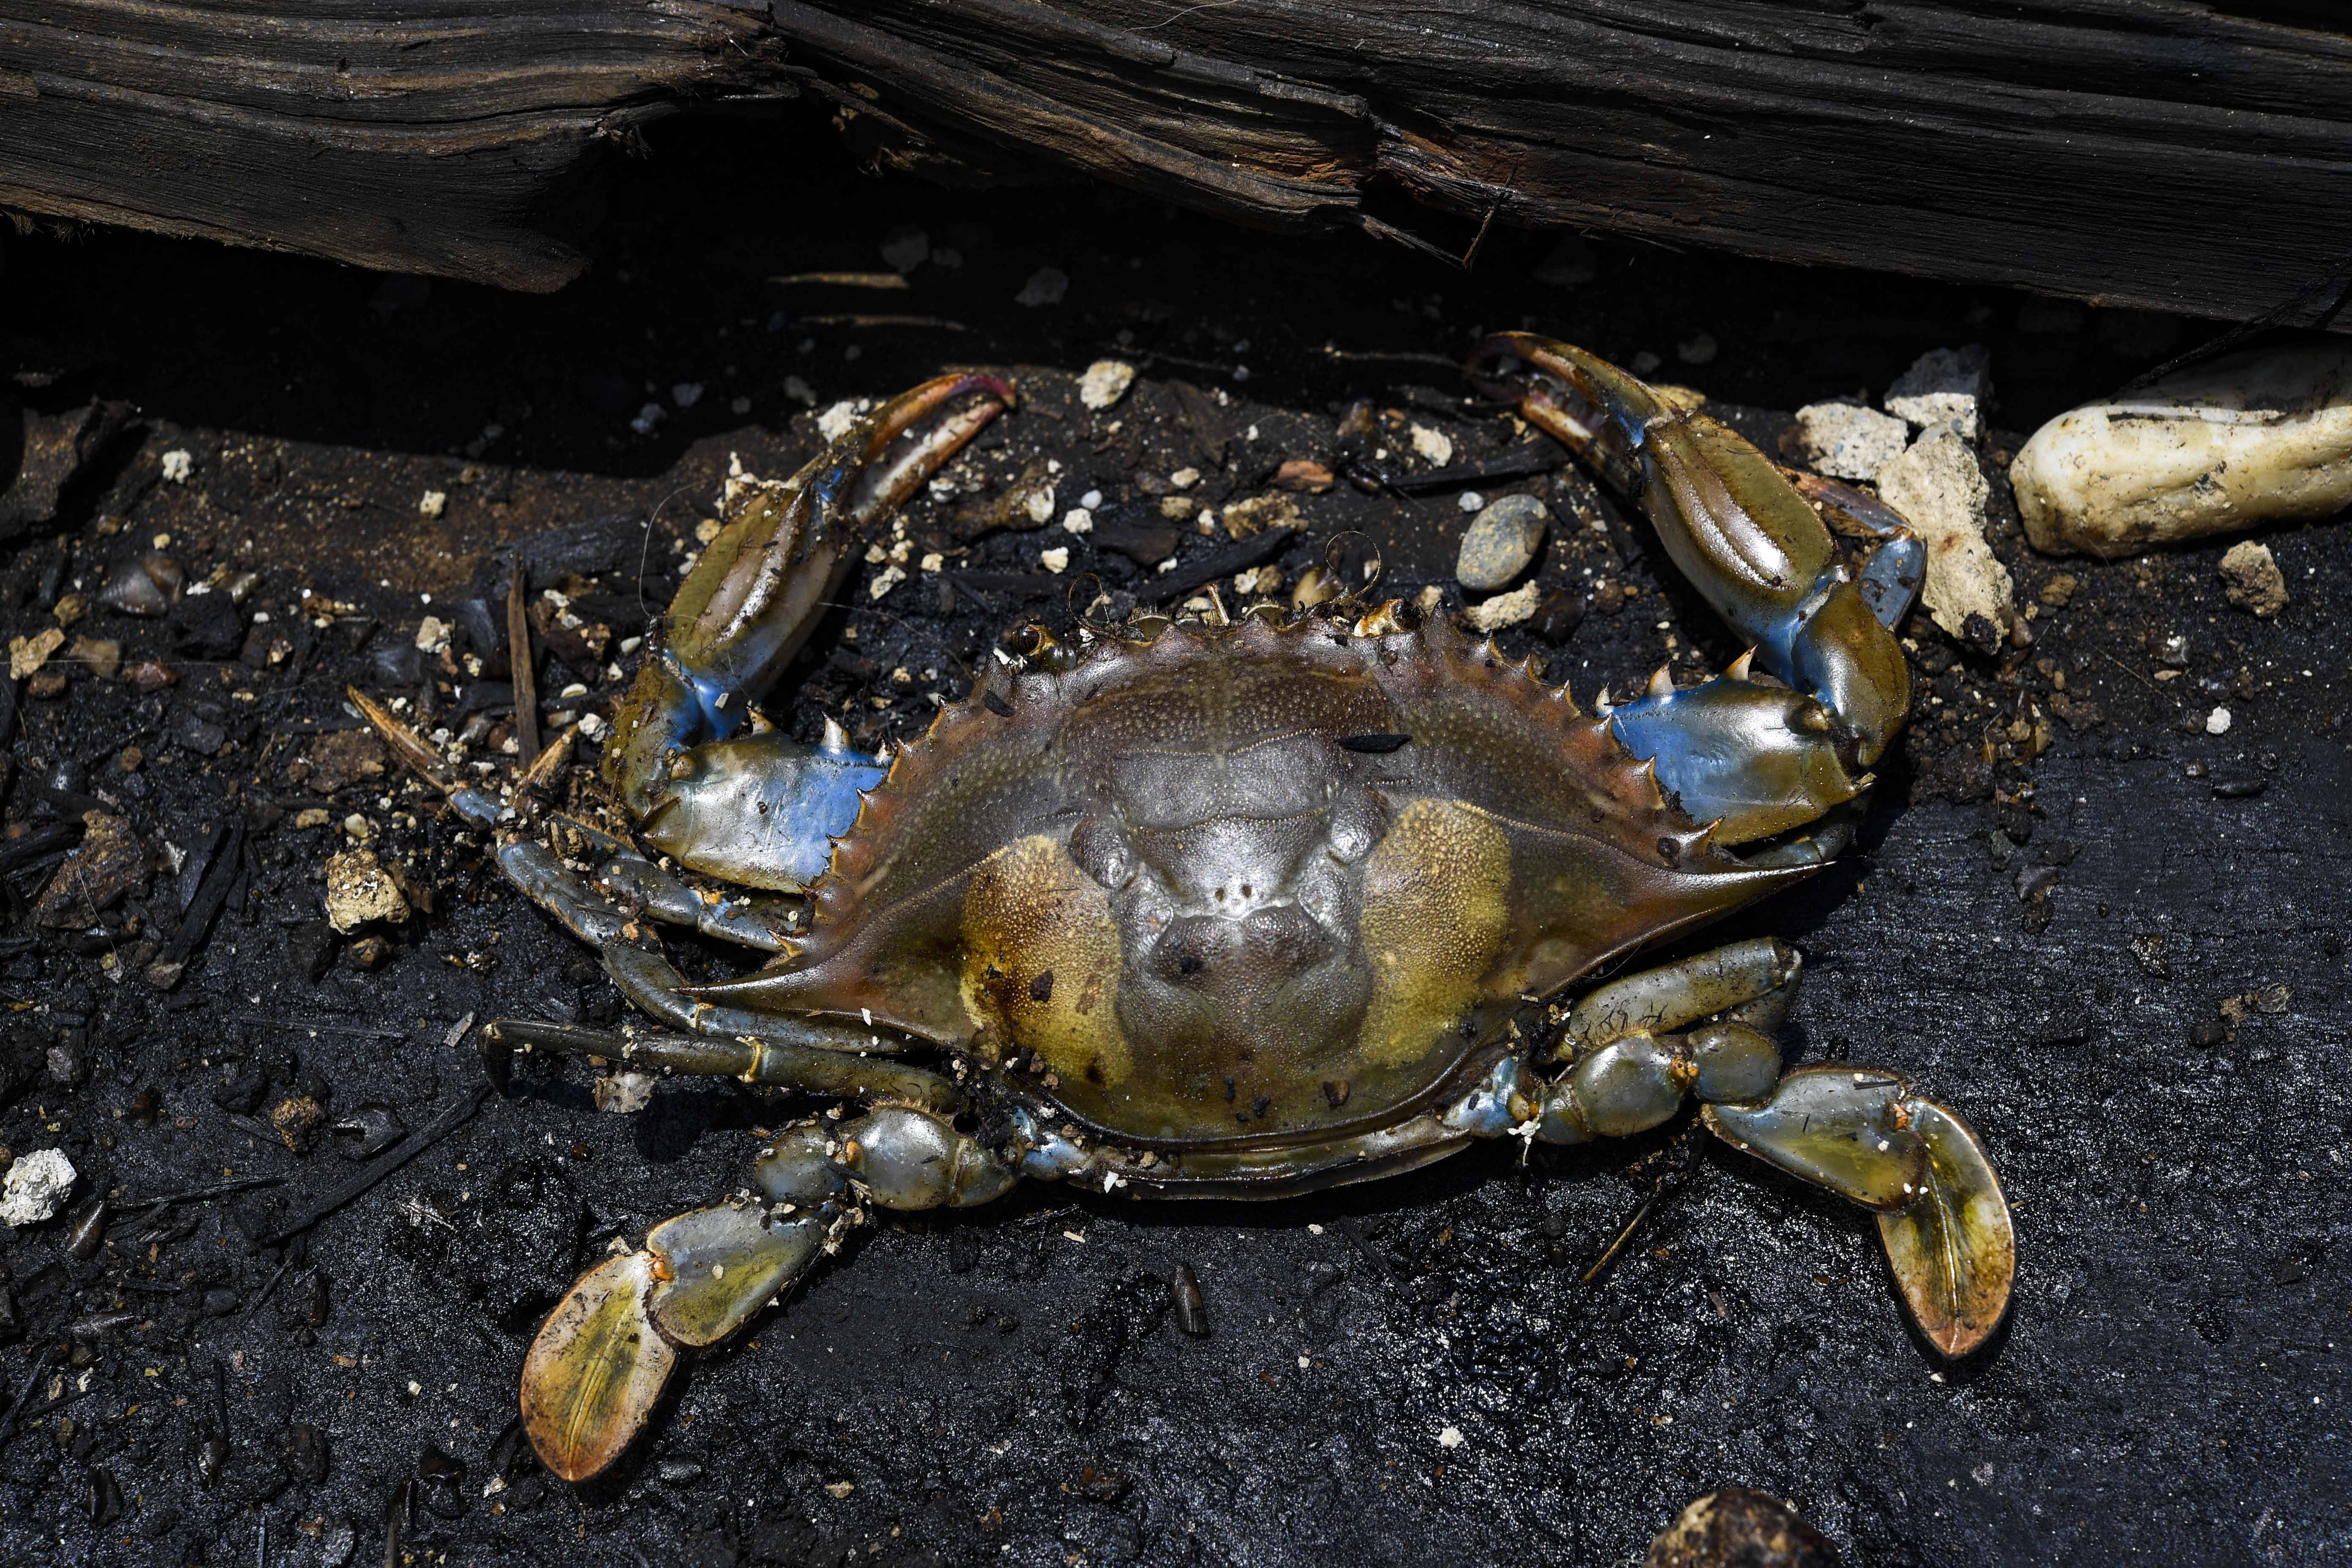 Caranguejo contaminado nas margens do poluído lago Maracaibo | Foto: YURI CORTEZ/AFP